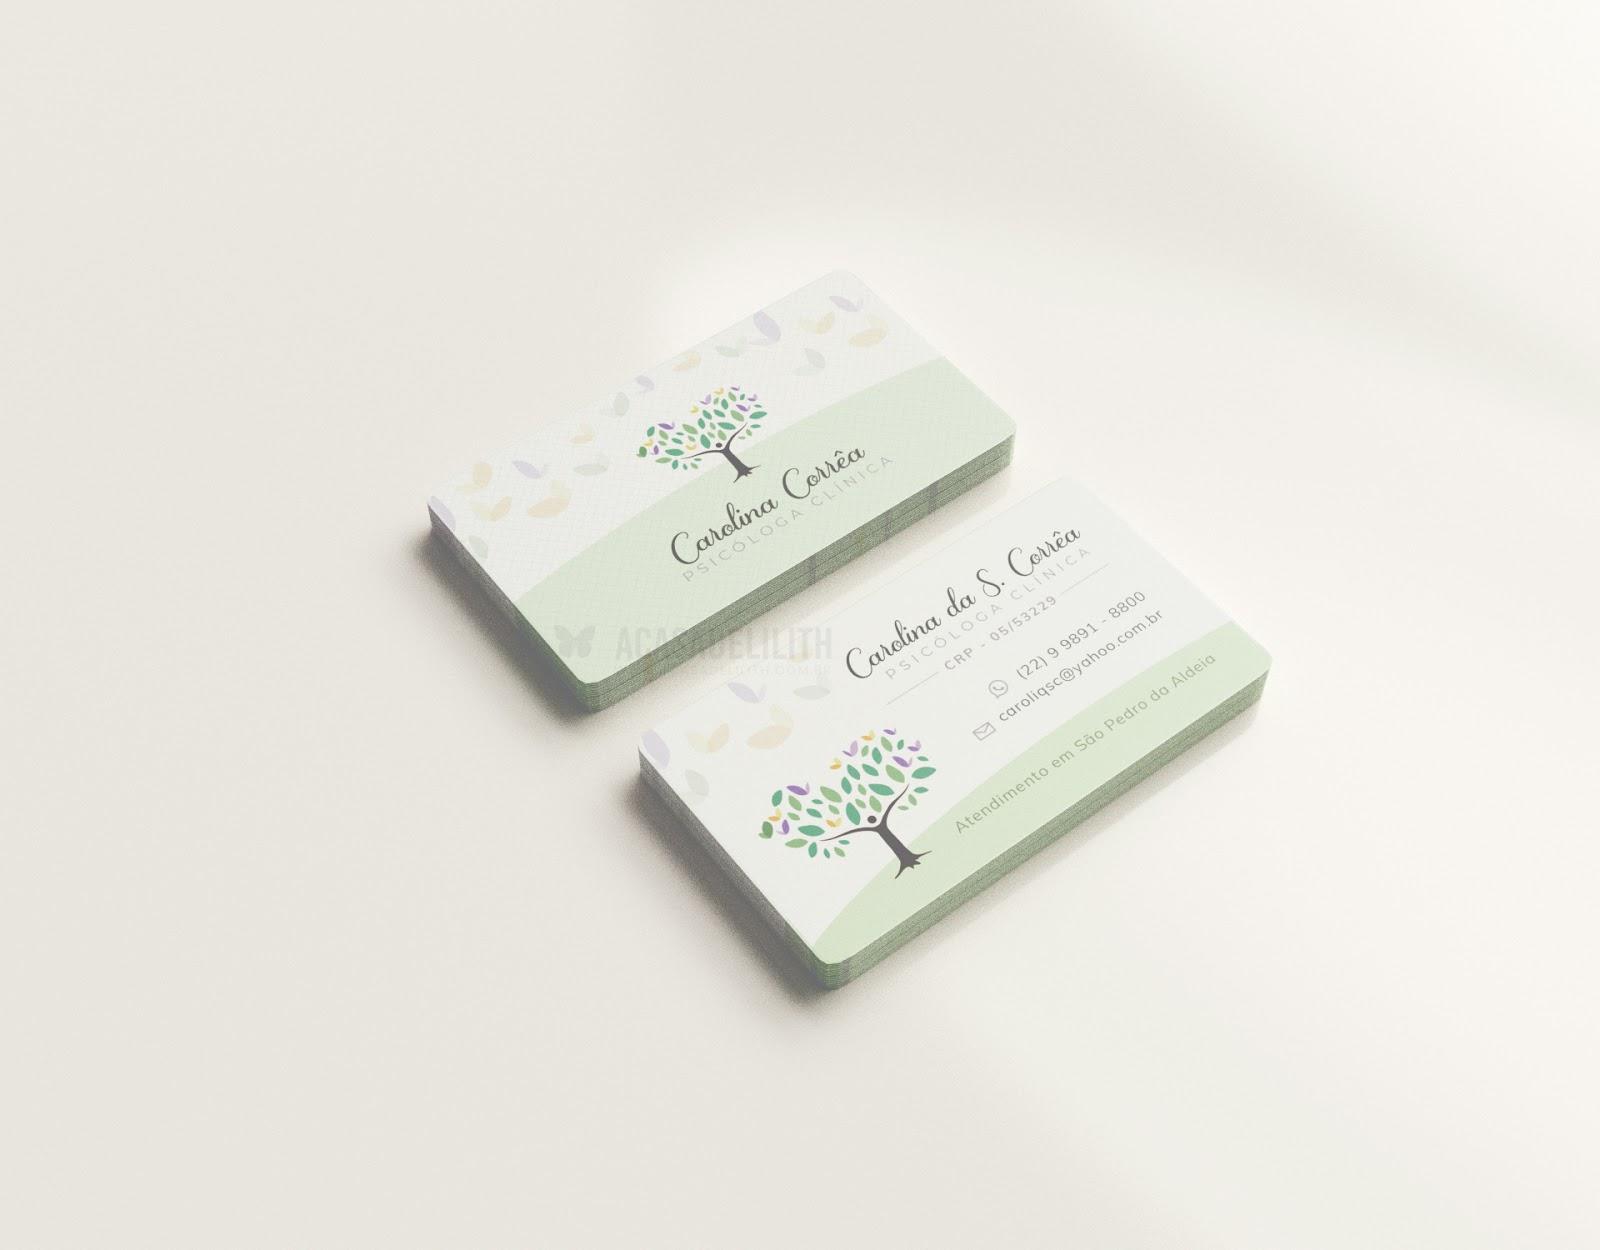 Graphic Design - psychologist business card - Logotipo e Cartão de Visita para Psicóloga